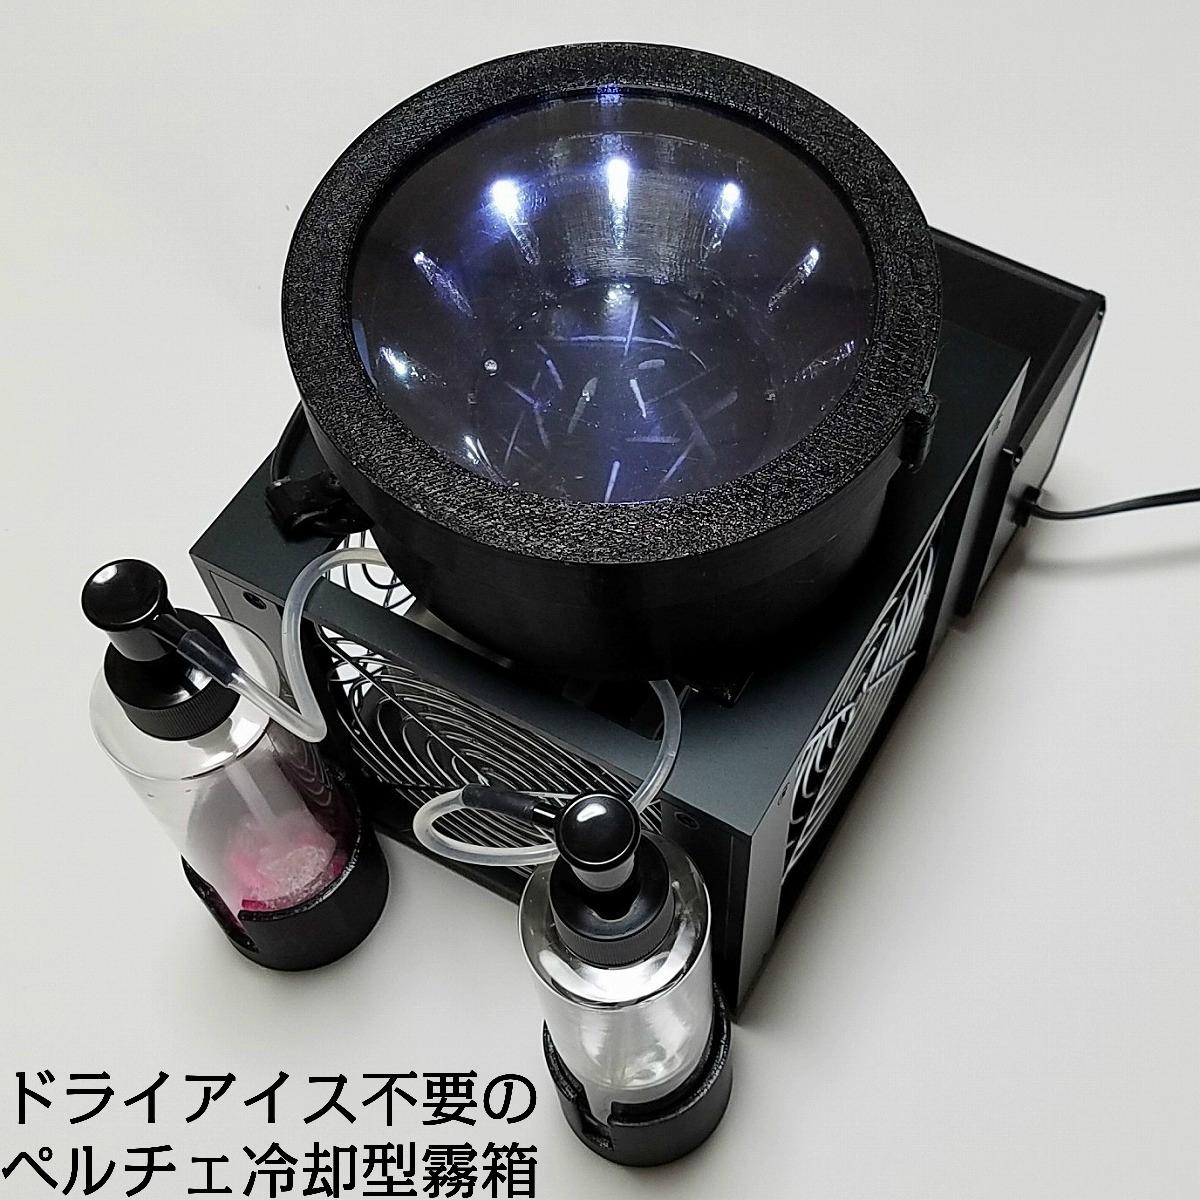 戸田式電子冷却霧箱E-114 ペルチェ素子冷却 霧箱